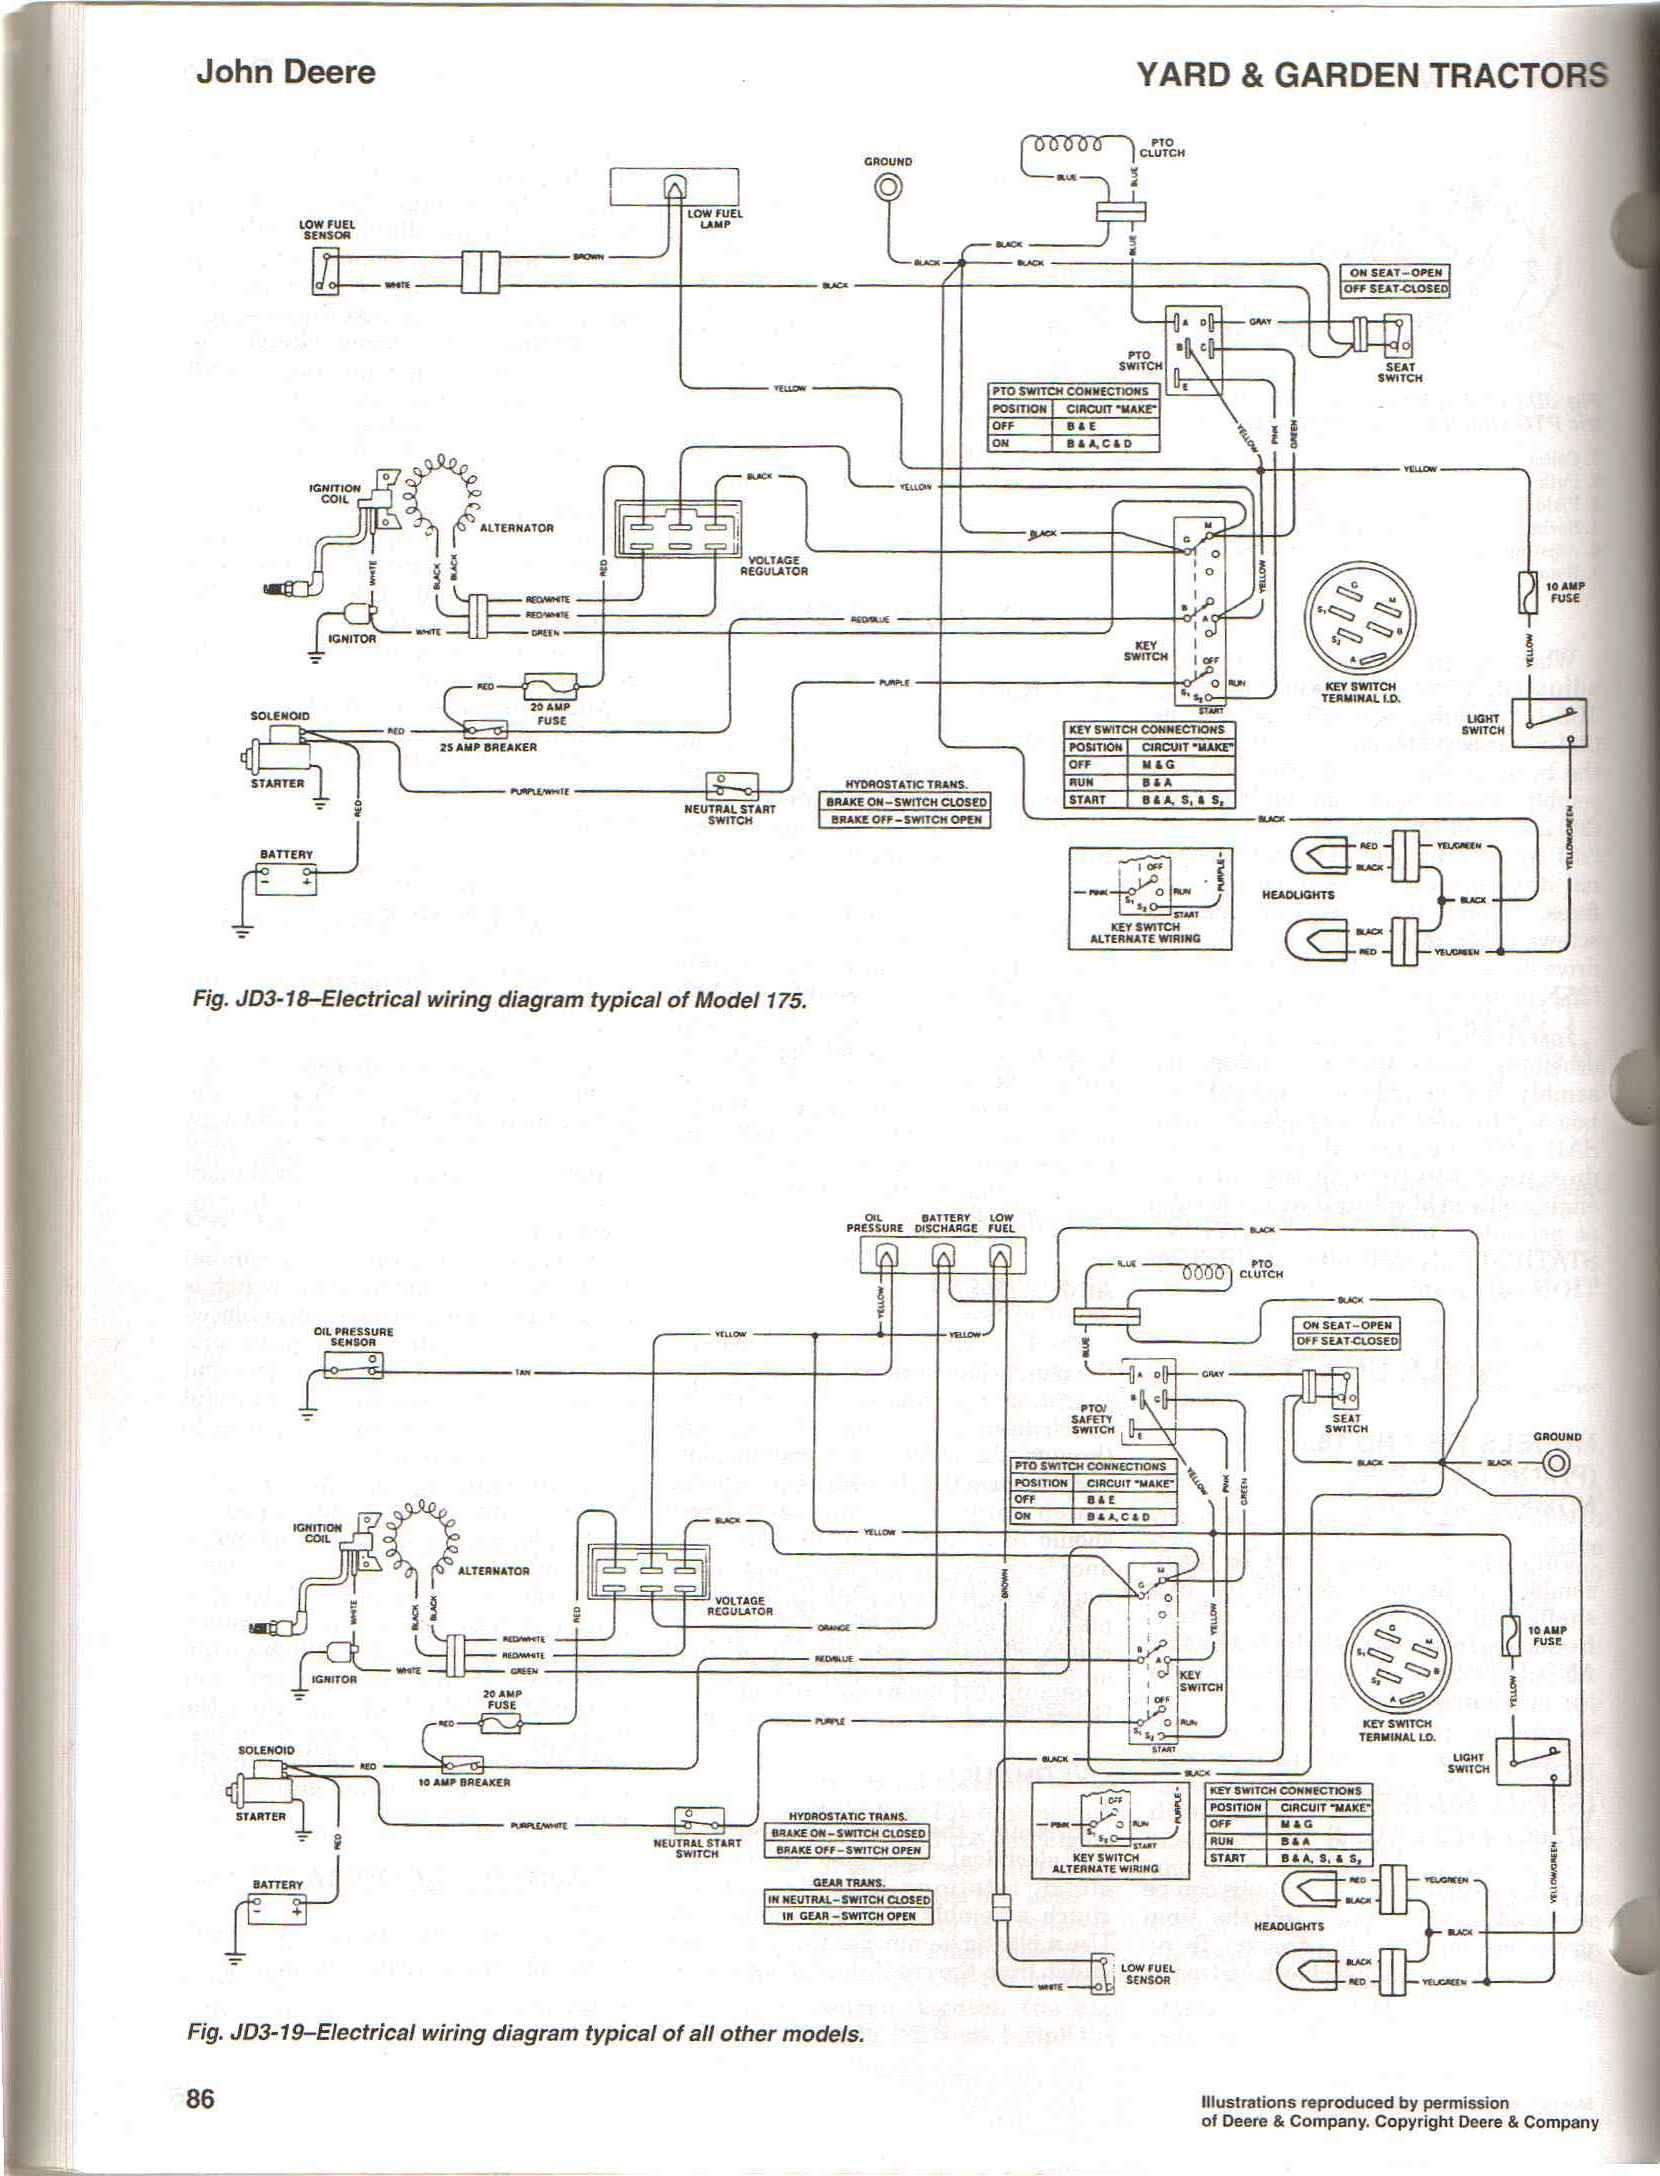 Gator 6x4 Wiring Diagram - Diagram Schematic